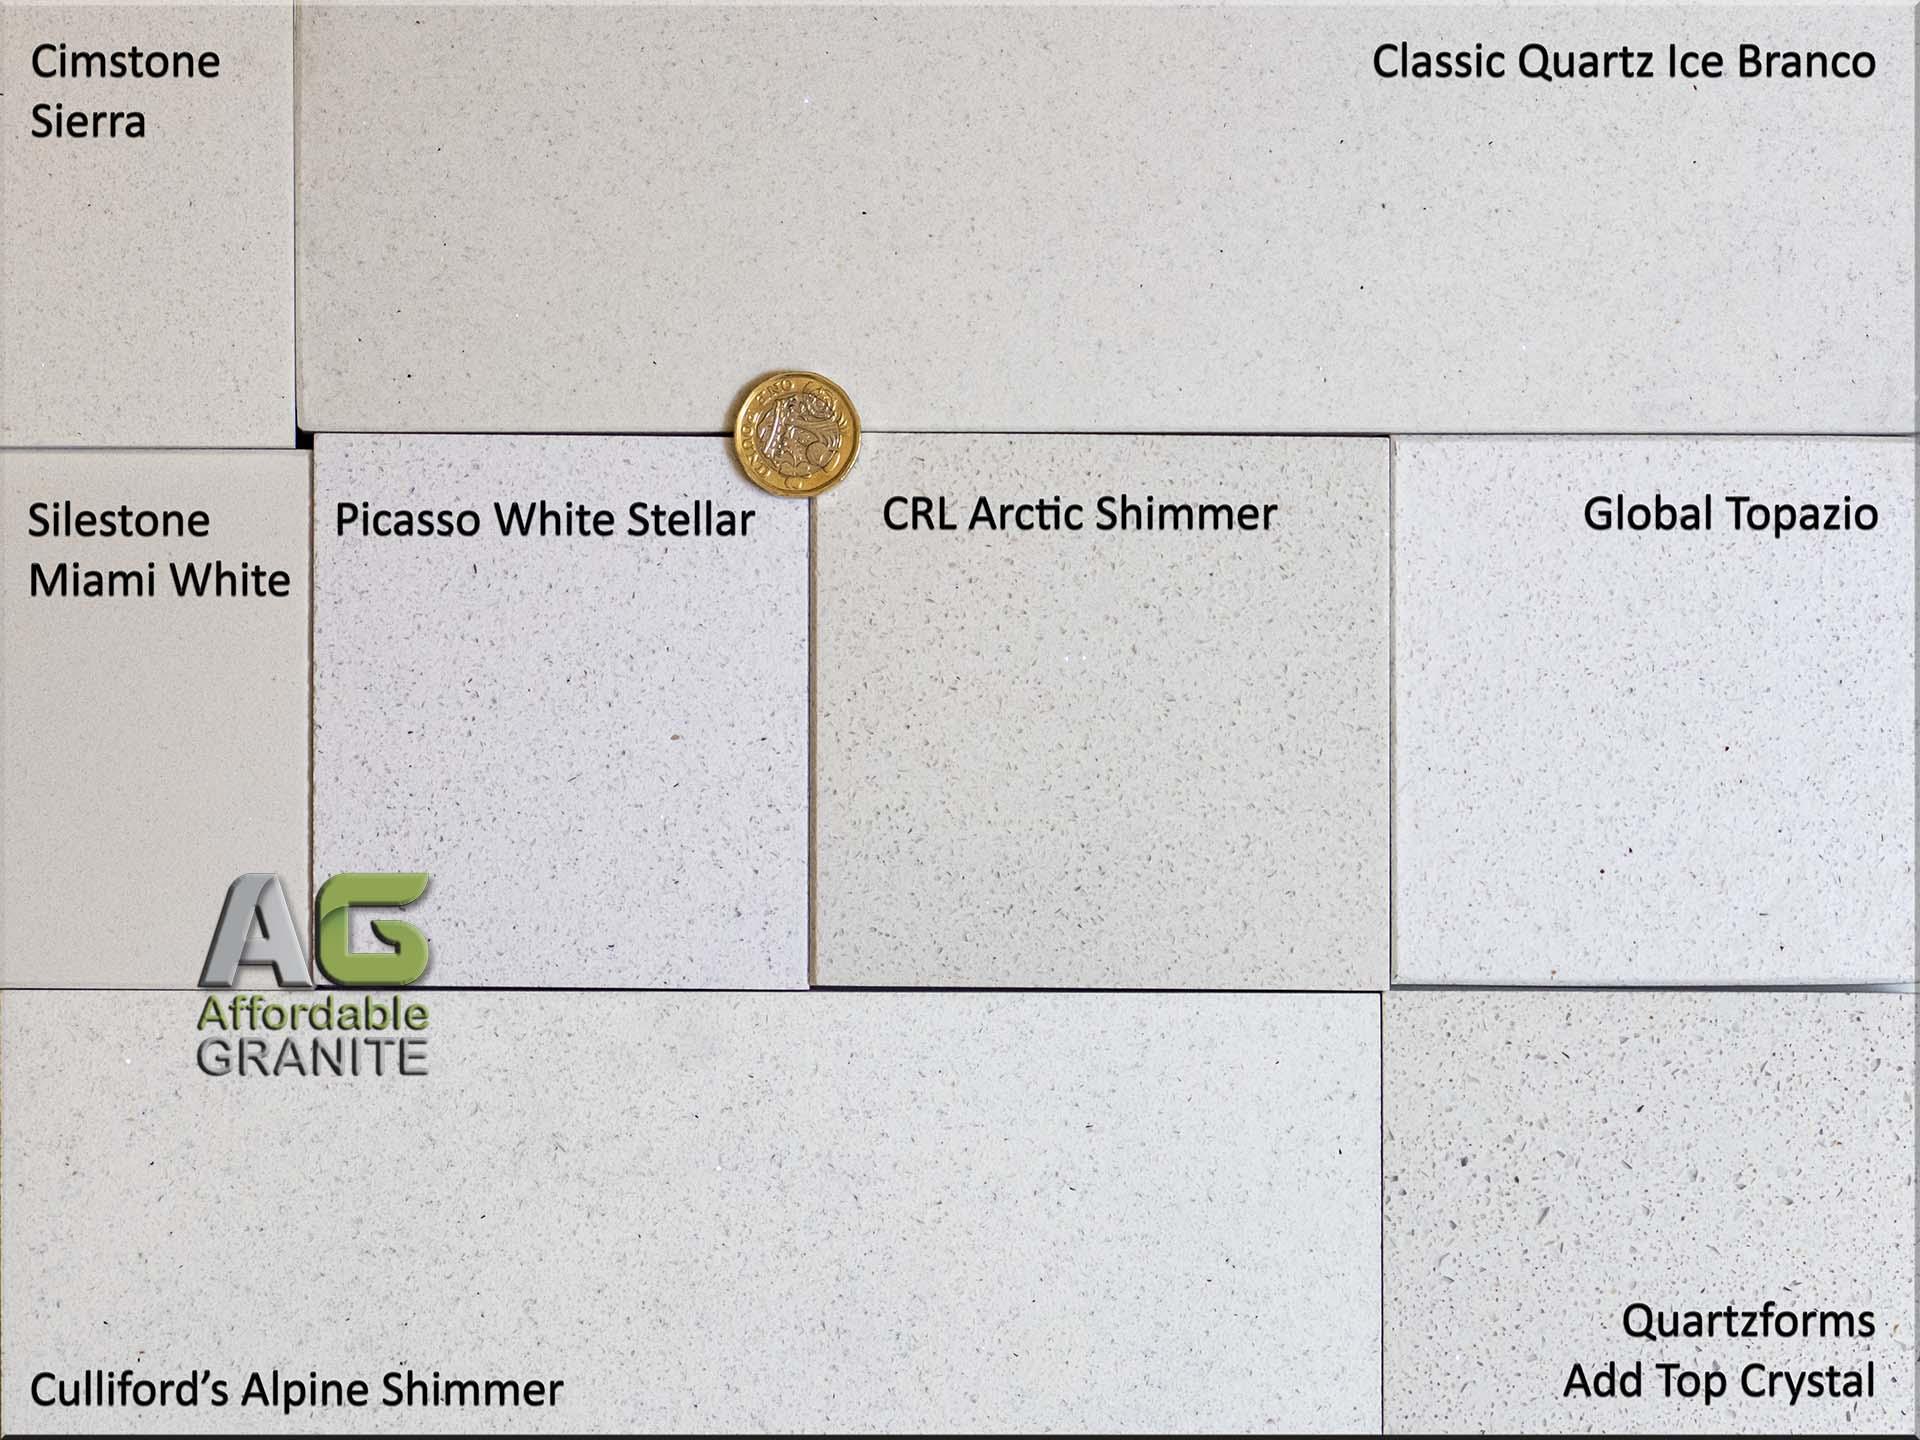 small sparkles CQ Ice Branco Global Topazio Quartzforms Add Top Crystal Culliford Alpine Shimmer Cimstone Sierra Silestone Miami Shite Picasso White Stellar redw